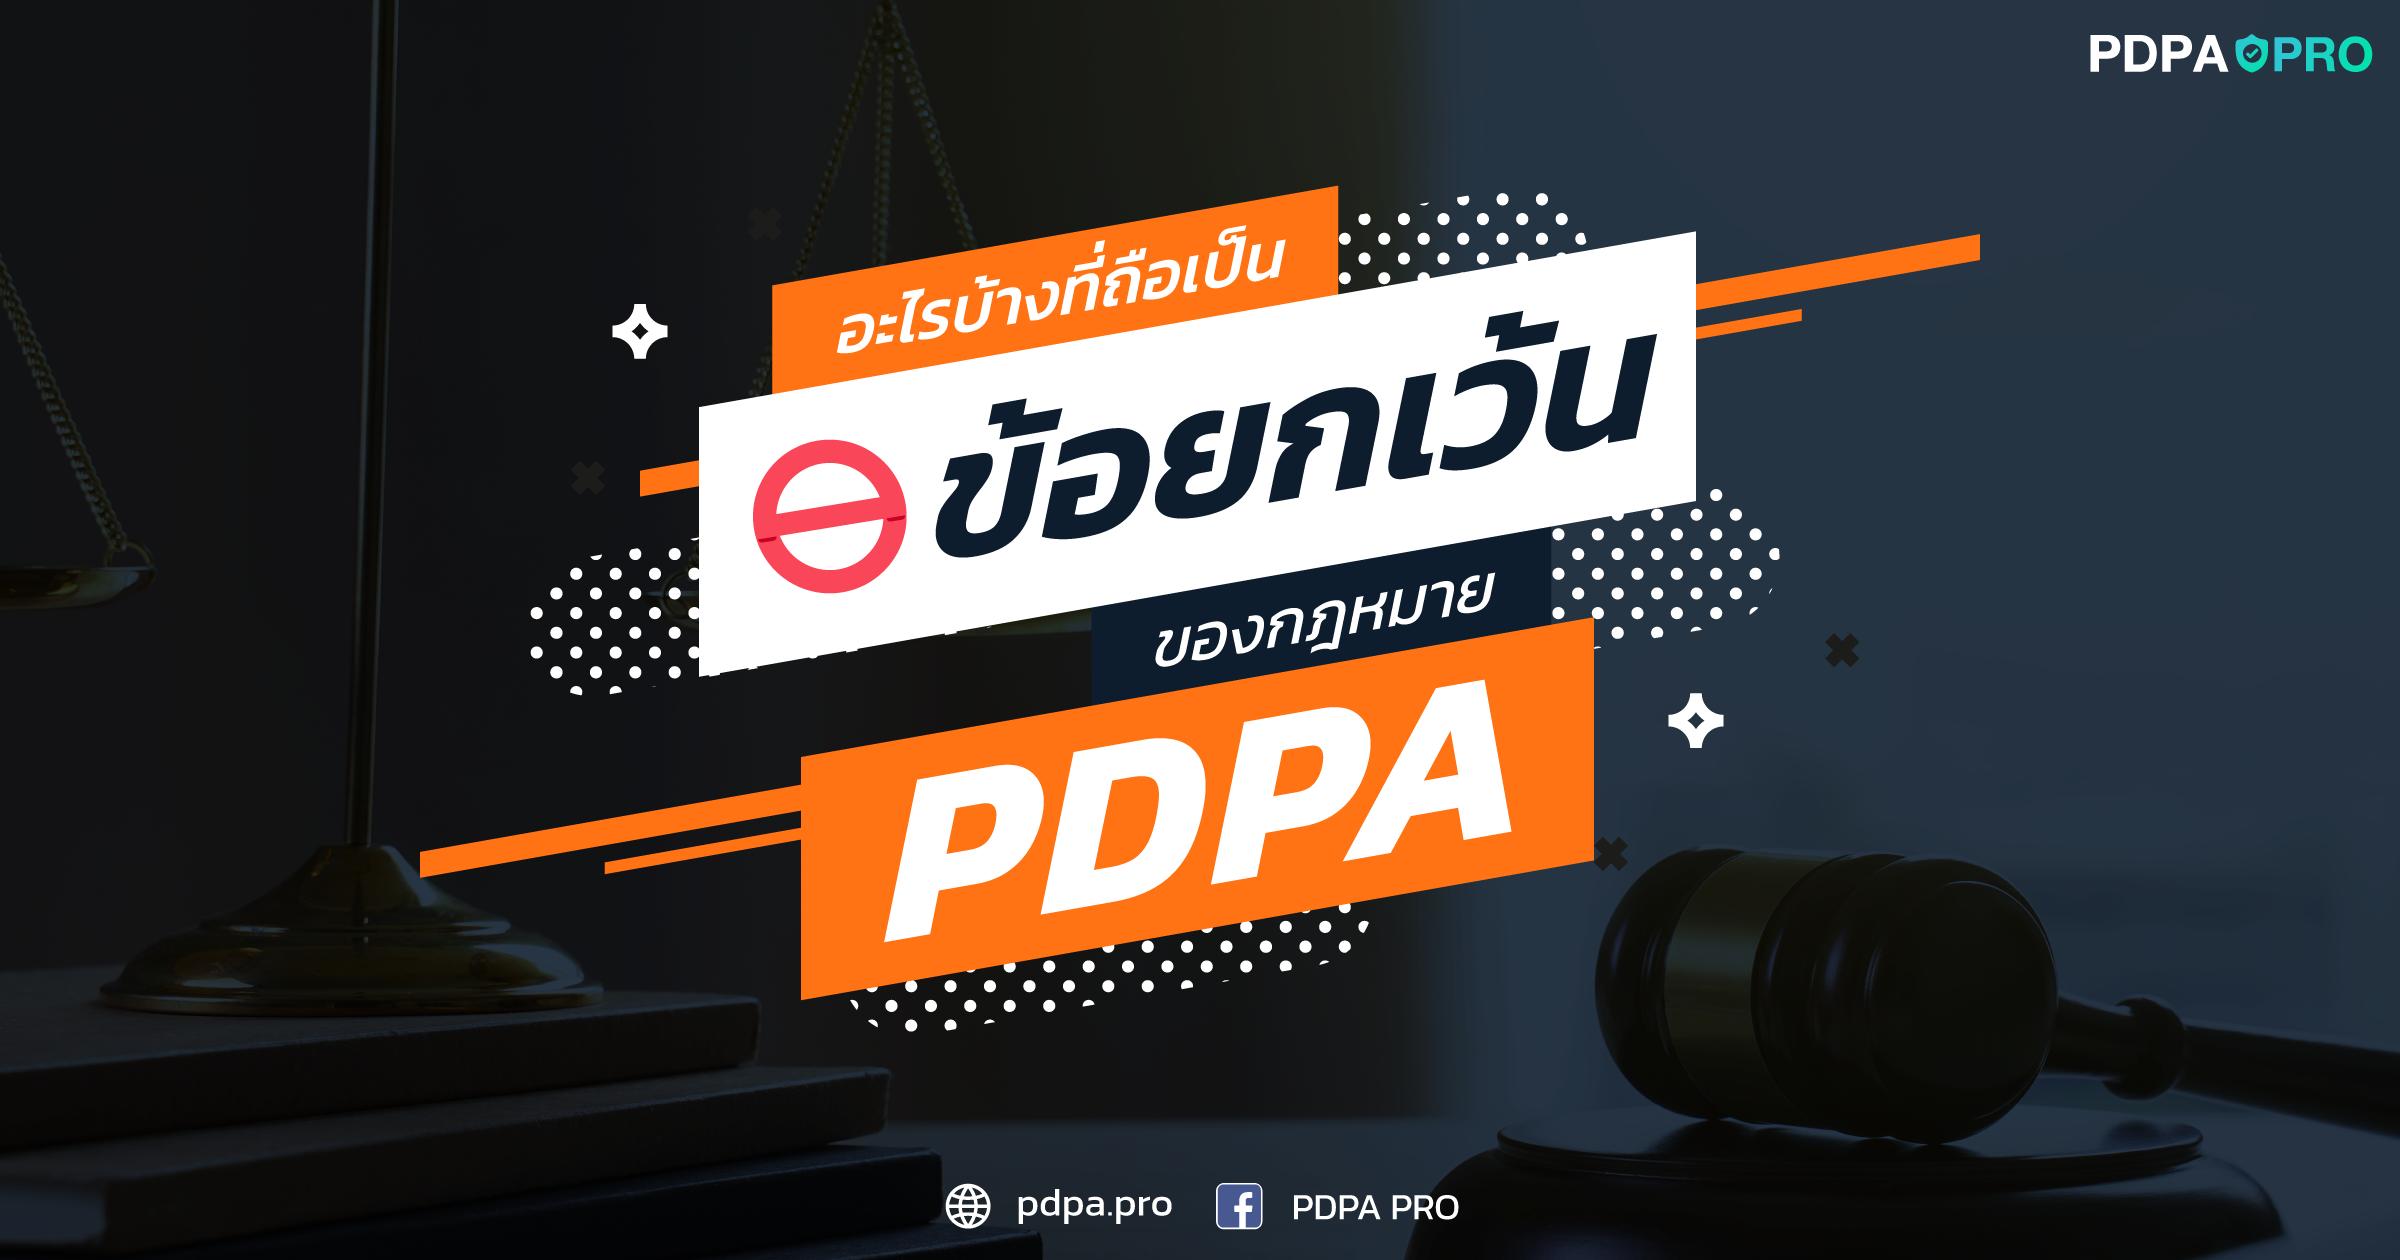 อะไรบ้างที่ถือเป็นข้อยกเว้นของกฎหมาย PDPA